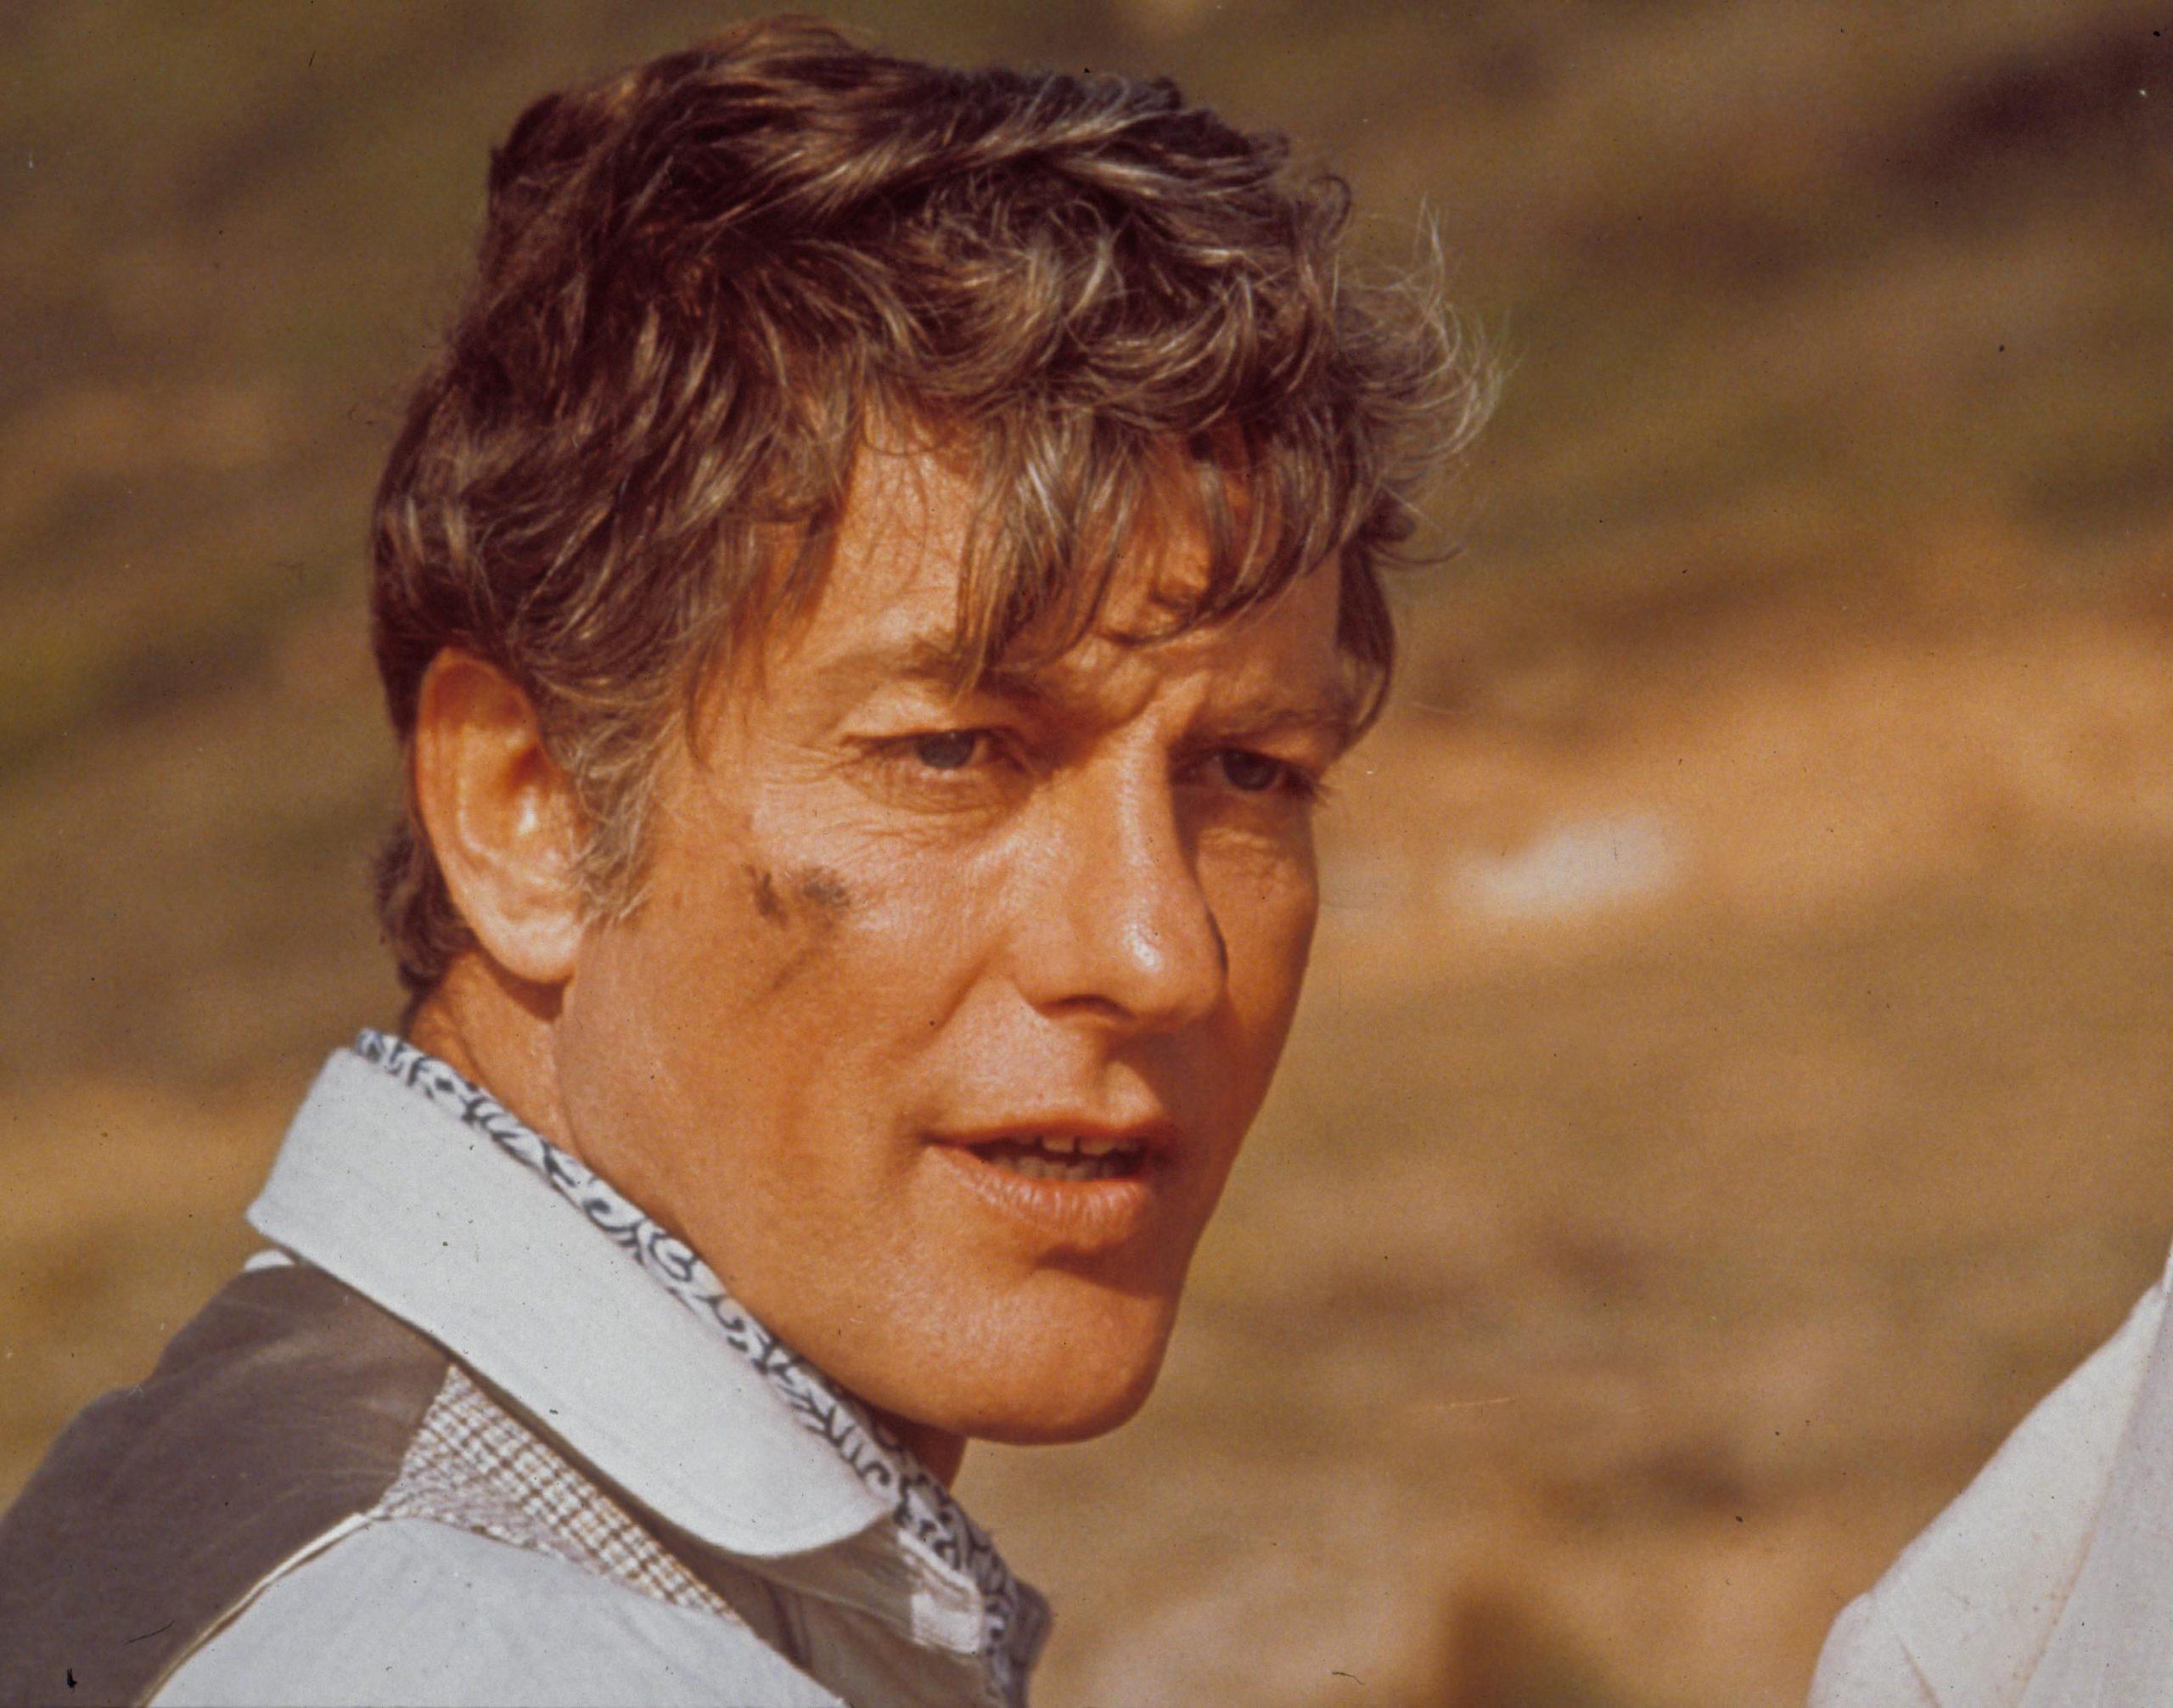 Dick Van Dyke as Caractacus Potts in Chitty Chitty Bang Bang